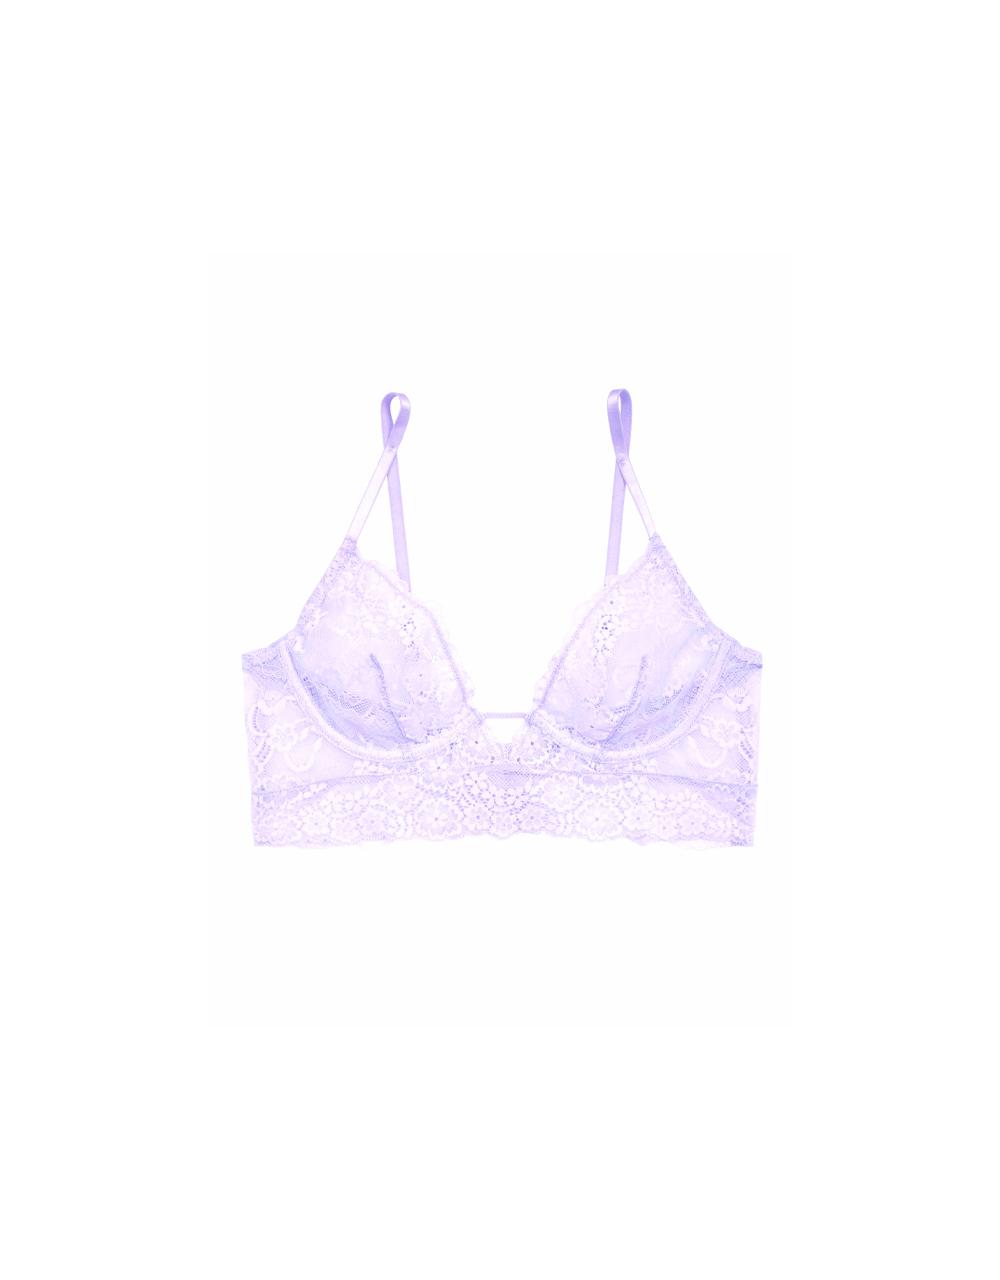 lingerie bra with underwires Birdie Just Lilas 39 € Girls In Paris photo 5